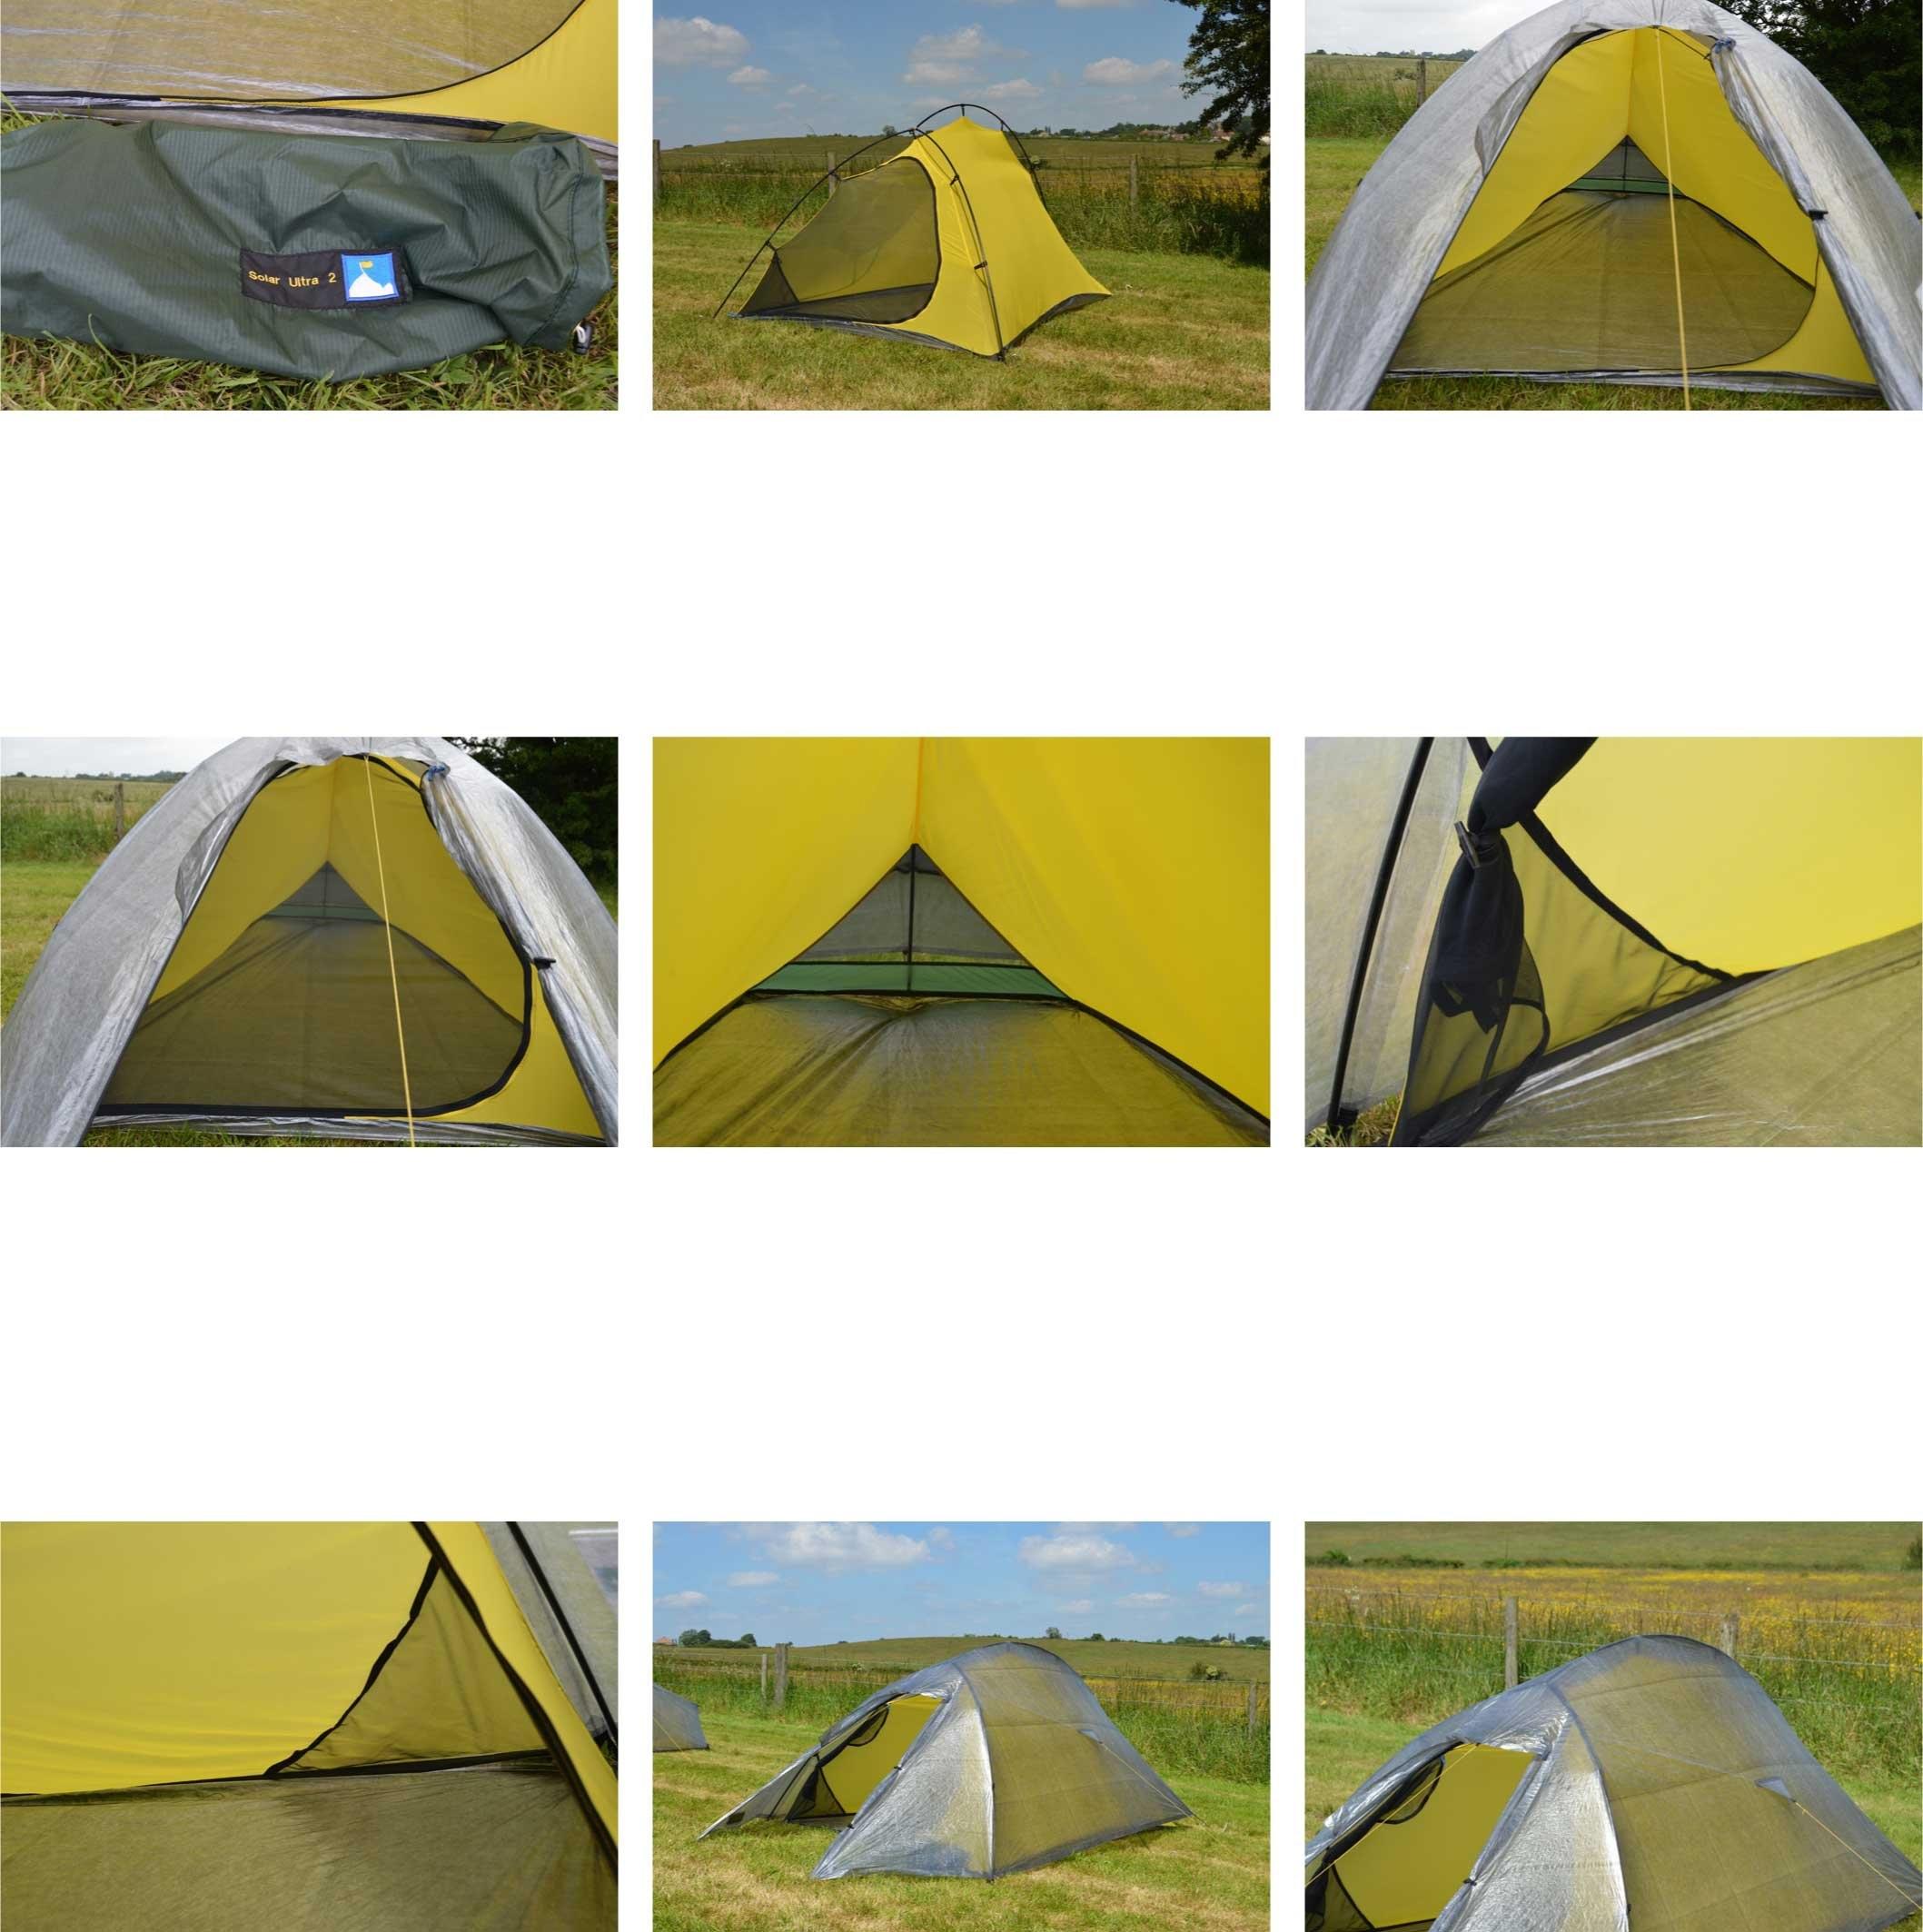 ... Image of Terra Nova Solar Ultra 2 Tent  sc 1 st  Uttings & Terra Nova Solar Ultra 2 Tent | Uttings.co.uk